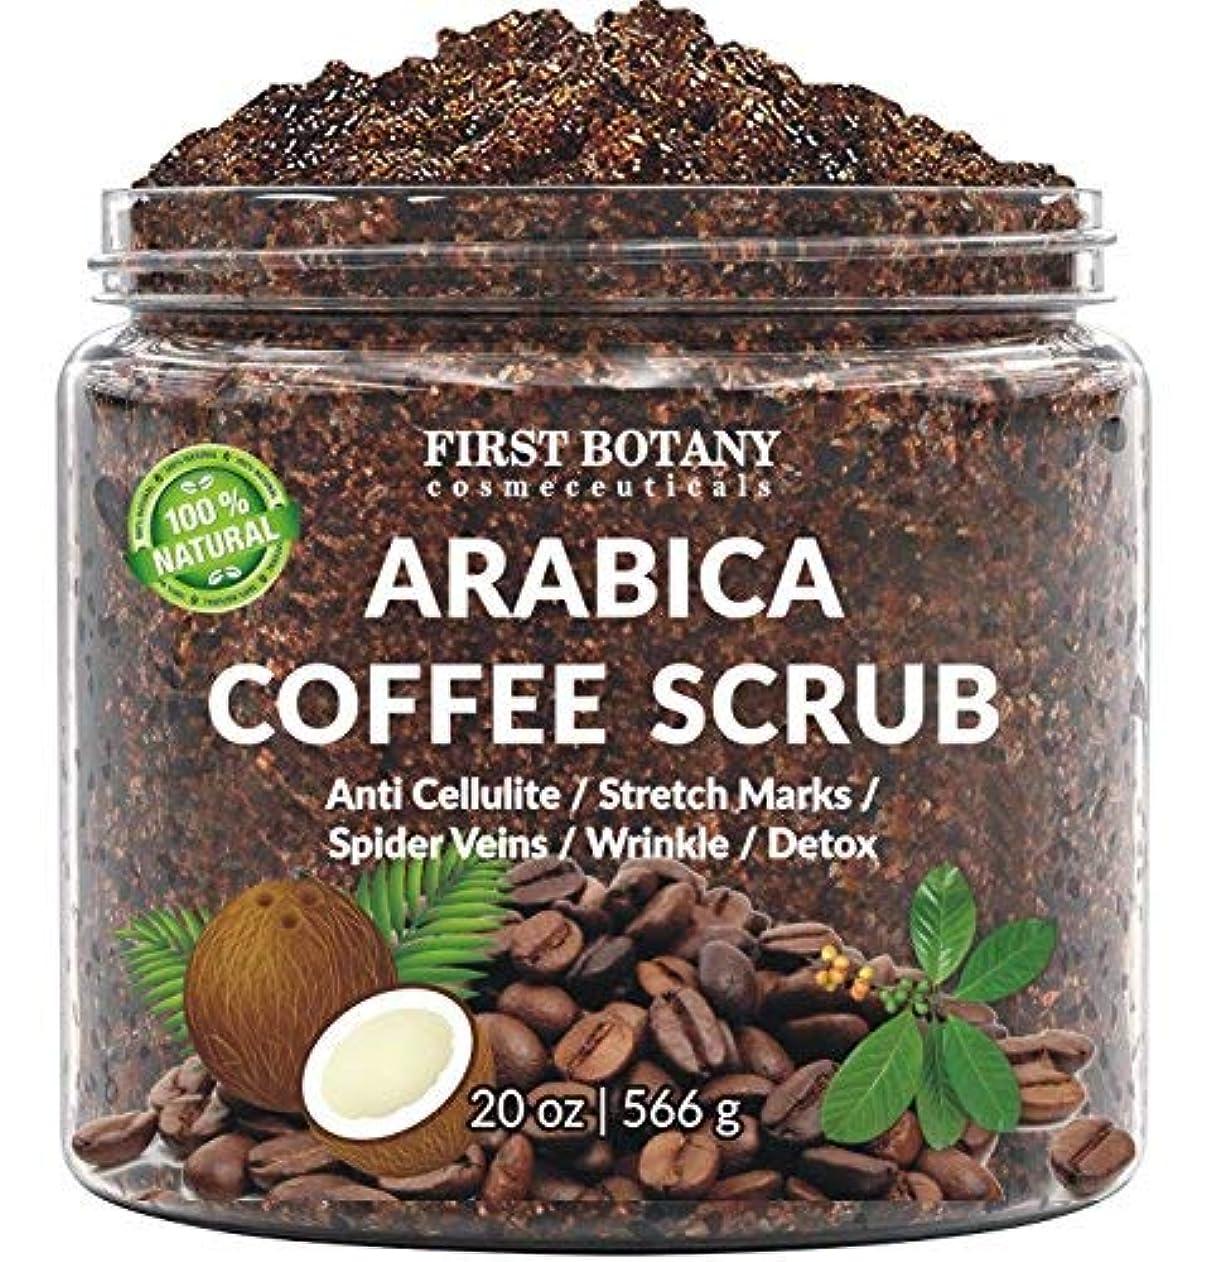 出くわすクラックポット出身地100% ナチュラル アラビカ コーヒースクラブ with 有機コーヒー、ココナッツ、シアバター | ボディースクラブクリーム [海外直送品] (566グラム)